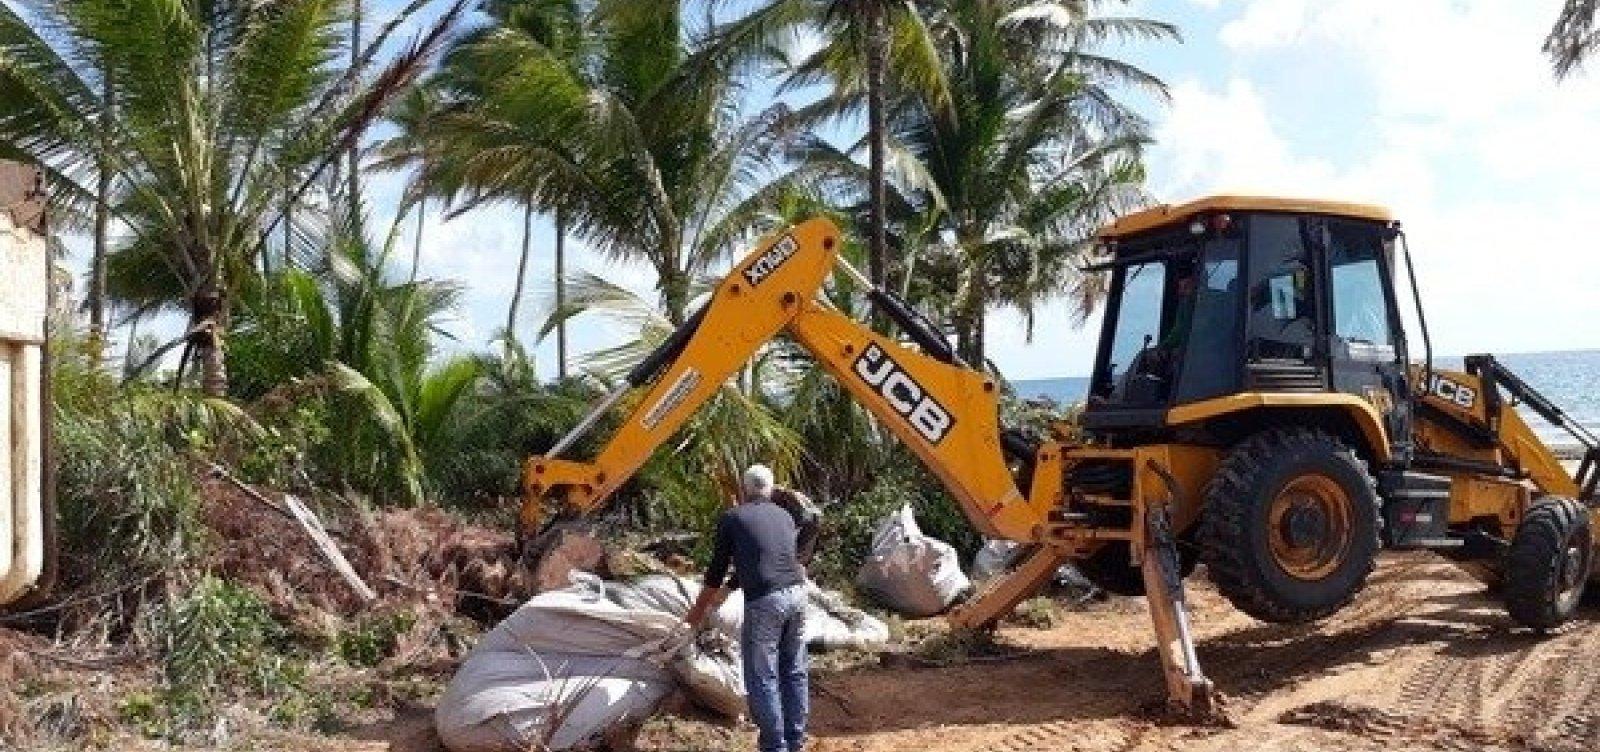 Óleo recolhido das praias de Maraú é descartado irregularmente em lixão do município